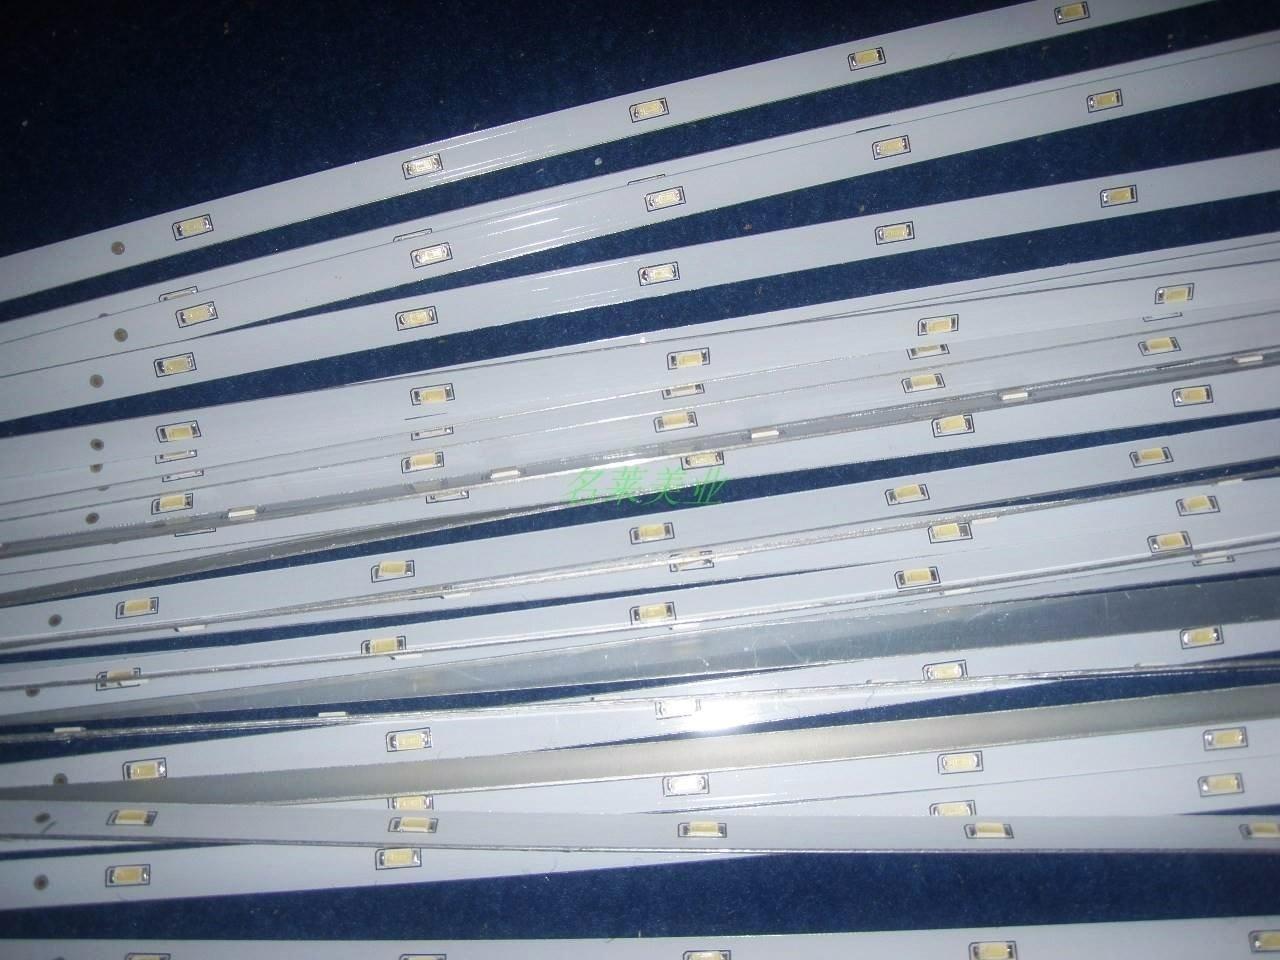 1.2米理发店转灯灯条广告标志灯LED灯条驱动美容美发转灯发廊配件